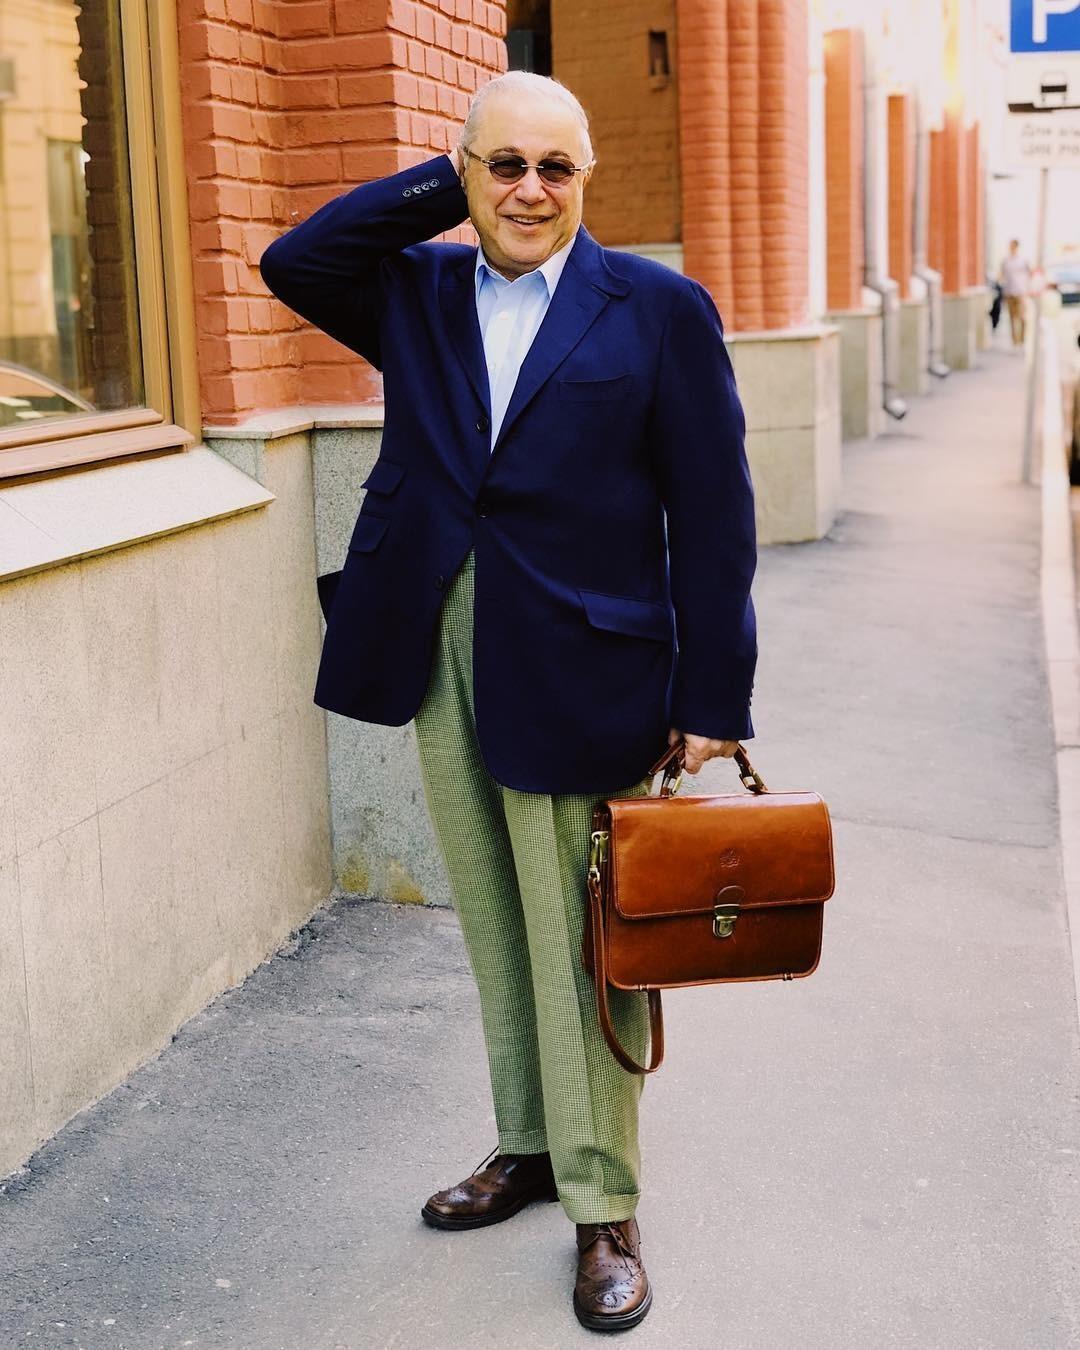 Под этим снимком Евгений Ваганович призвал подписчиков «не поддаваться хандре, одеваться теплее и улыбаться чаще» - судя по всему, у самого комика это получается. На этот раз осенний look...